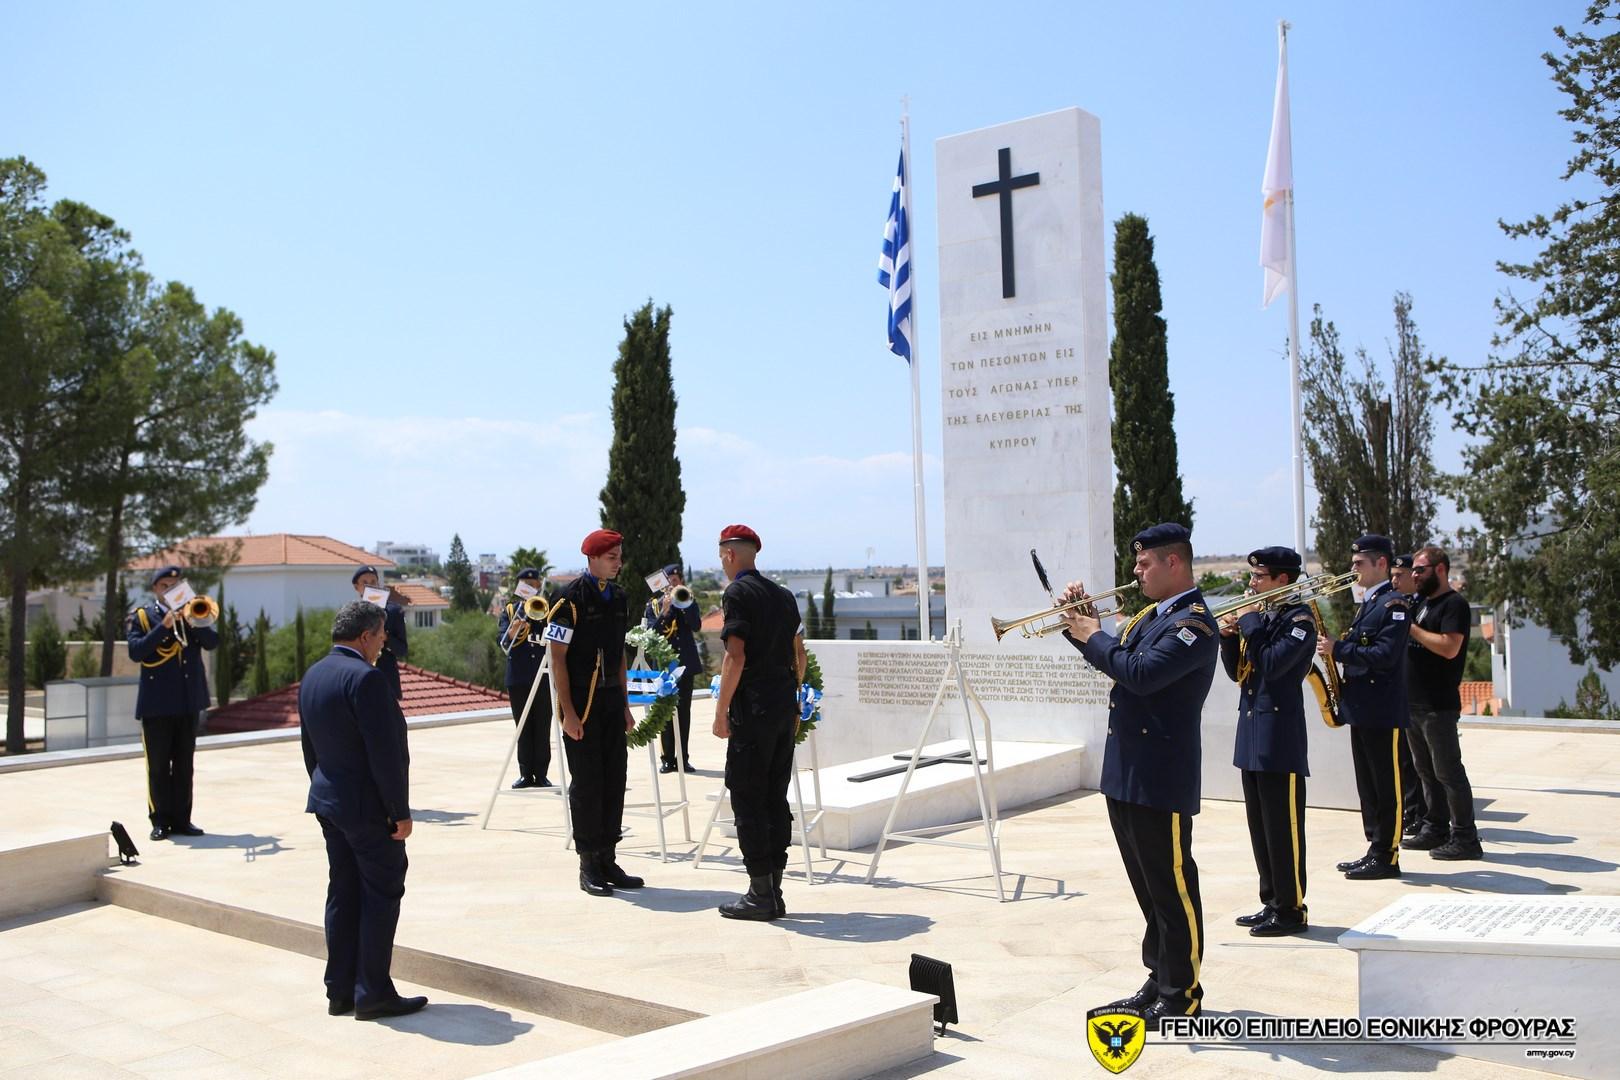 Κατάθεση στεφάνων στον Τύμβο της Μακεδονίτισσας.